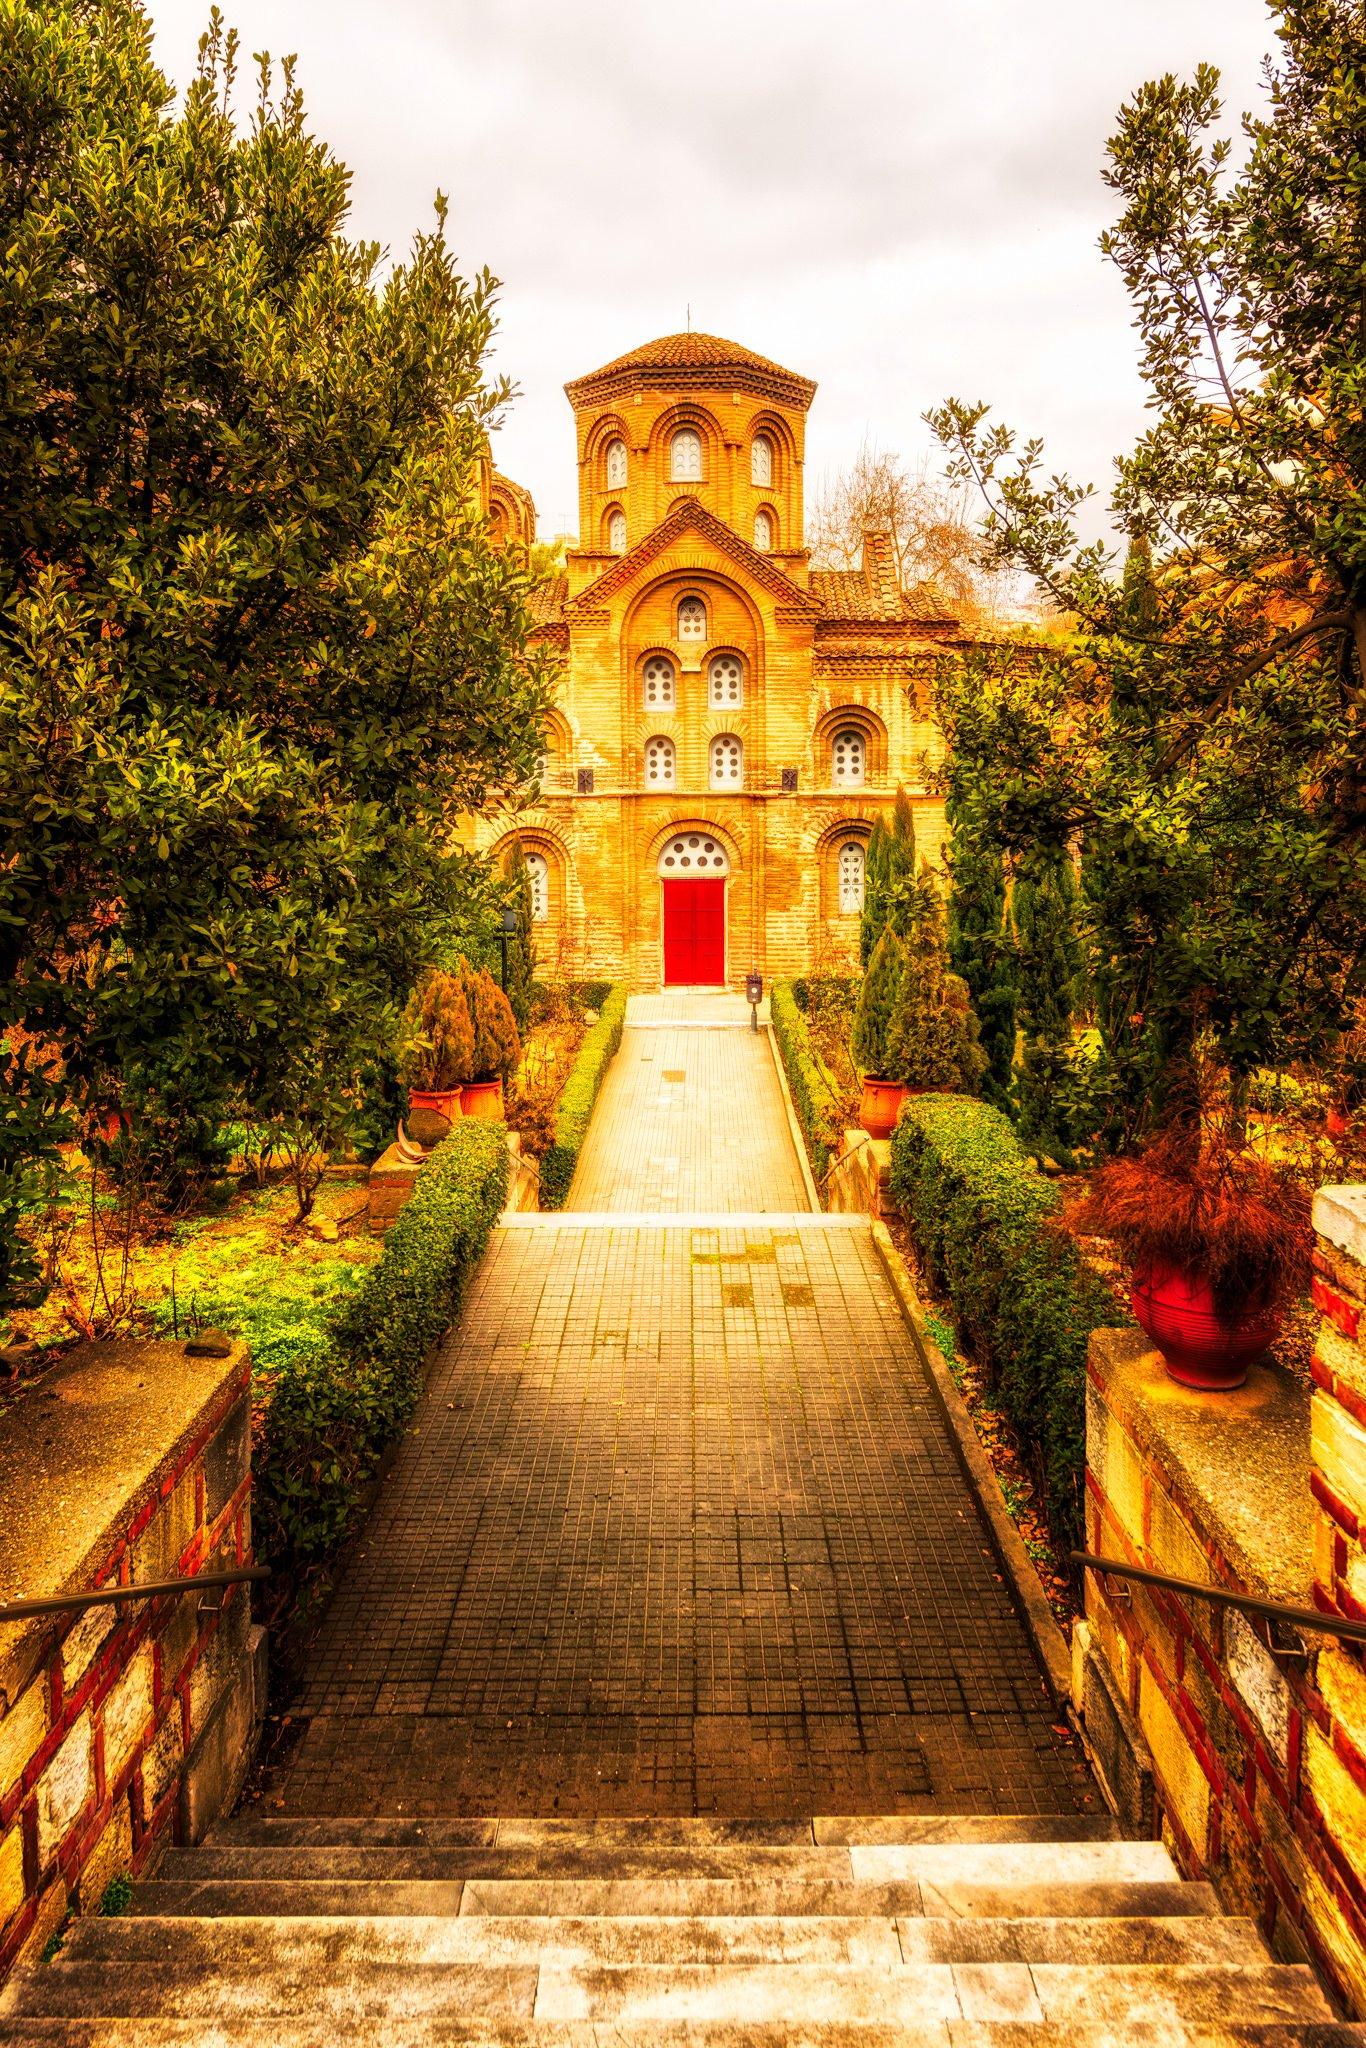 Die Panagia Chalkeon Kirche in Thessaloniki, Griechenland, bei Tag fotografiert.